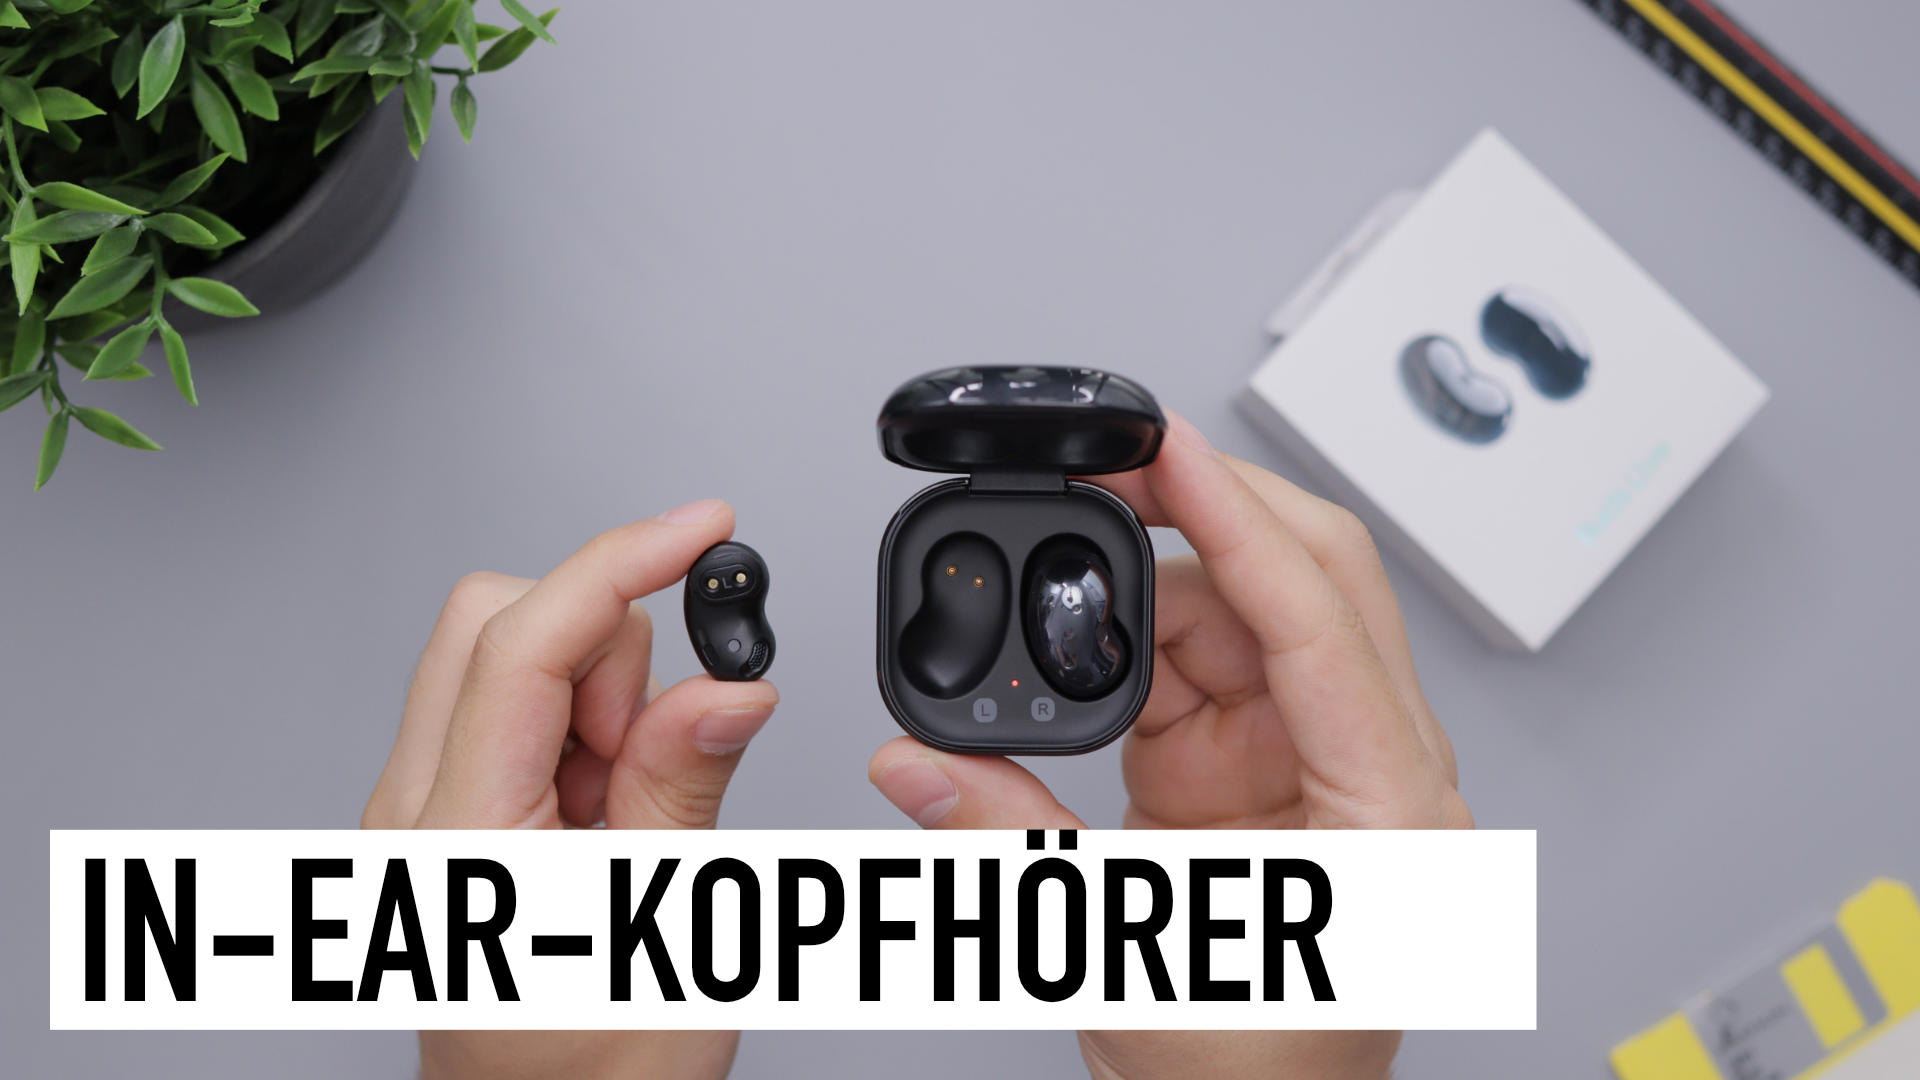 In-Ear-Kopfhörer (IEM) für Gaming & Streaming